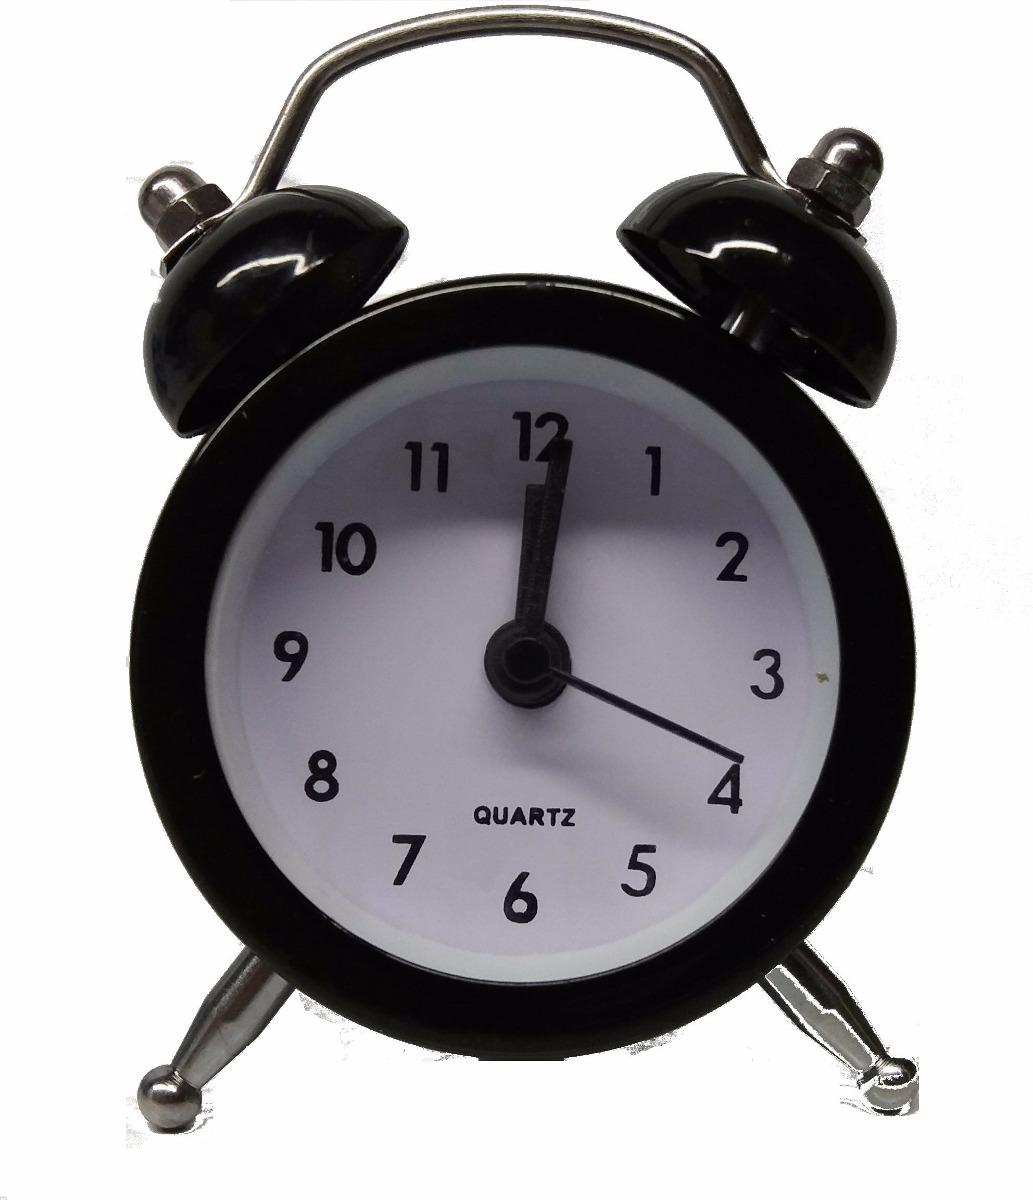 2c670901c76 60 relógios despertador retro mini vintage antigo campainha. Carregando  zoom.